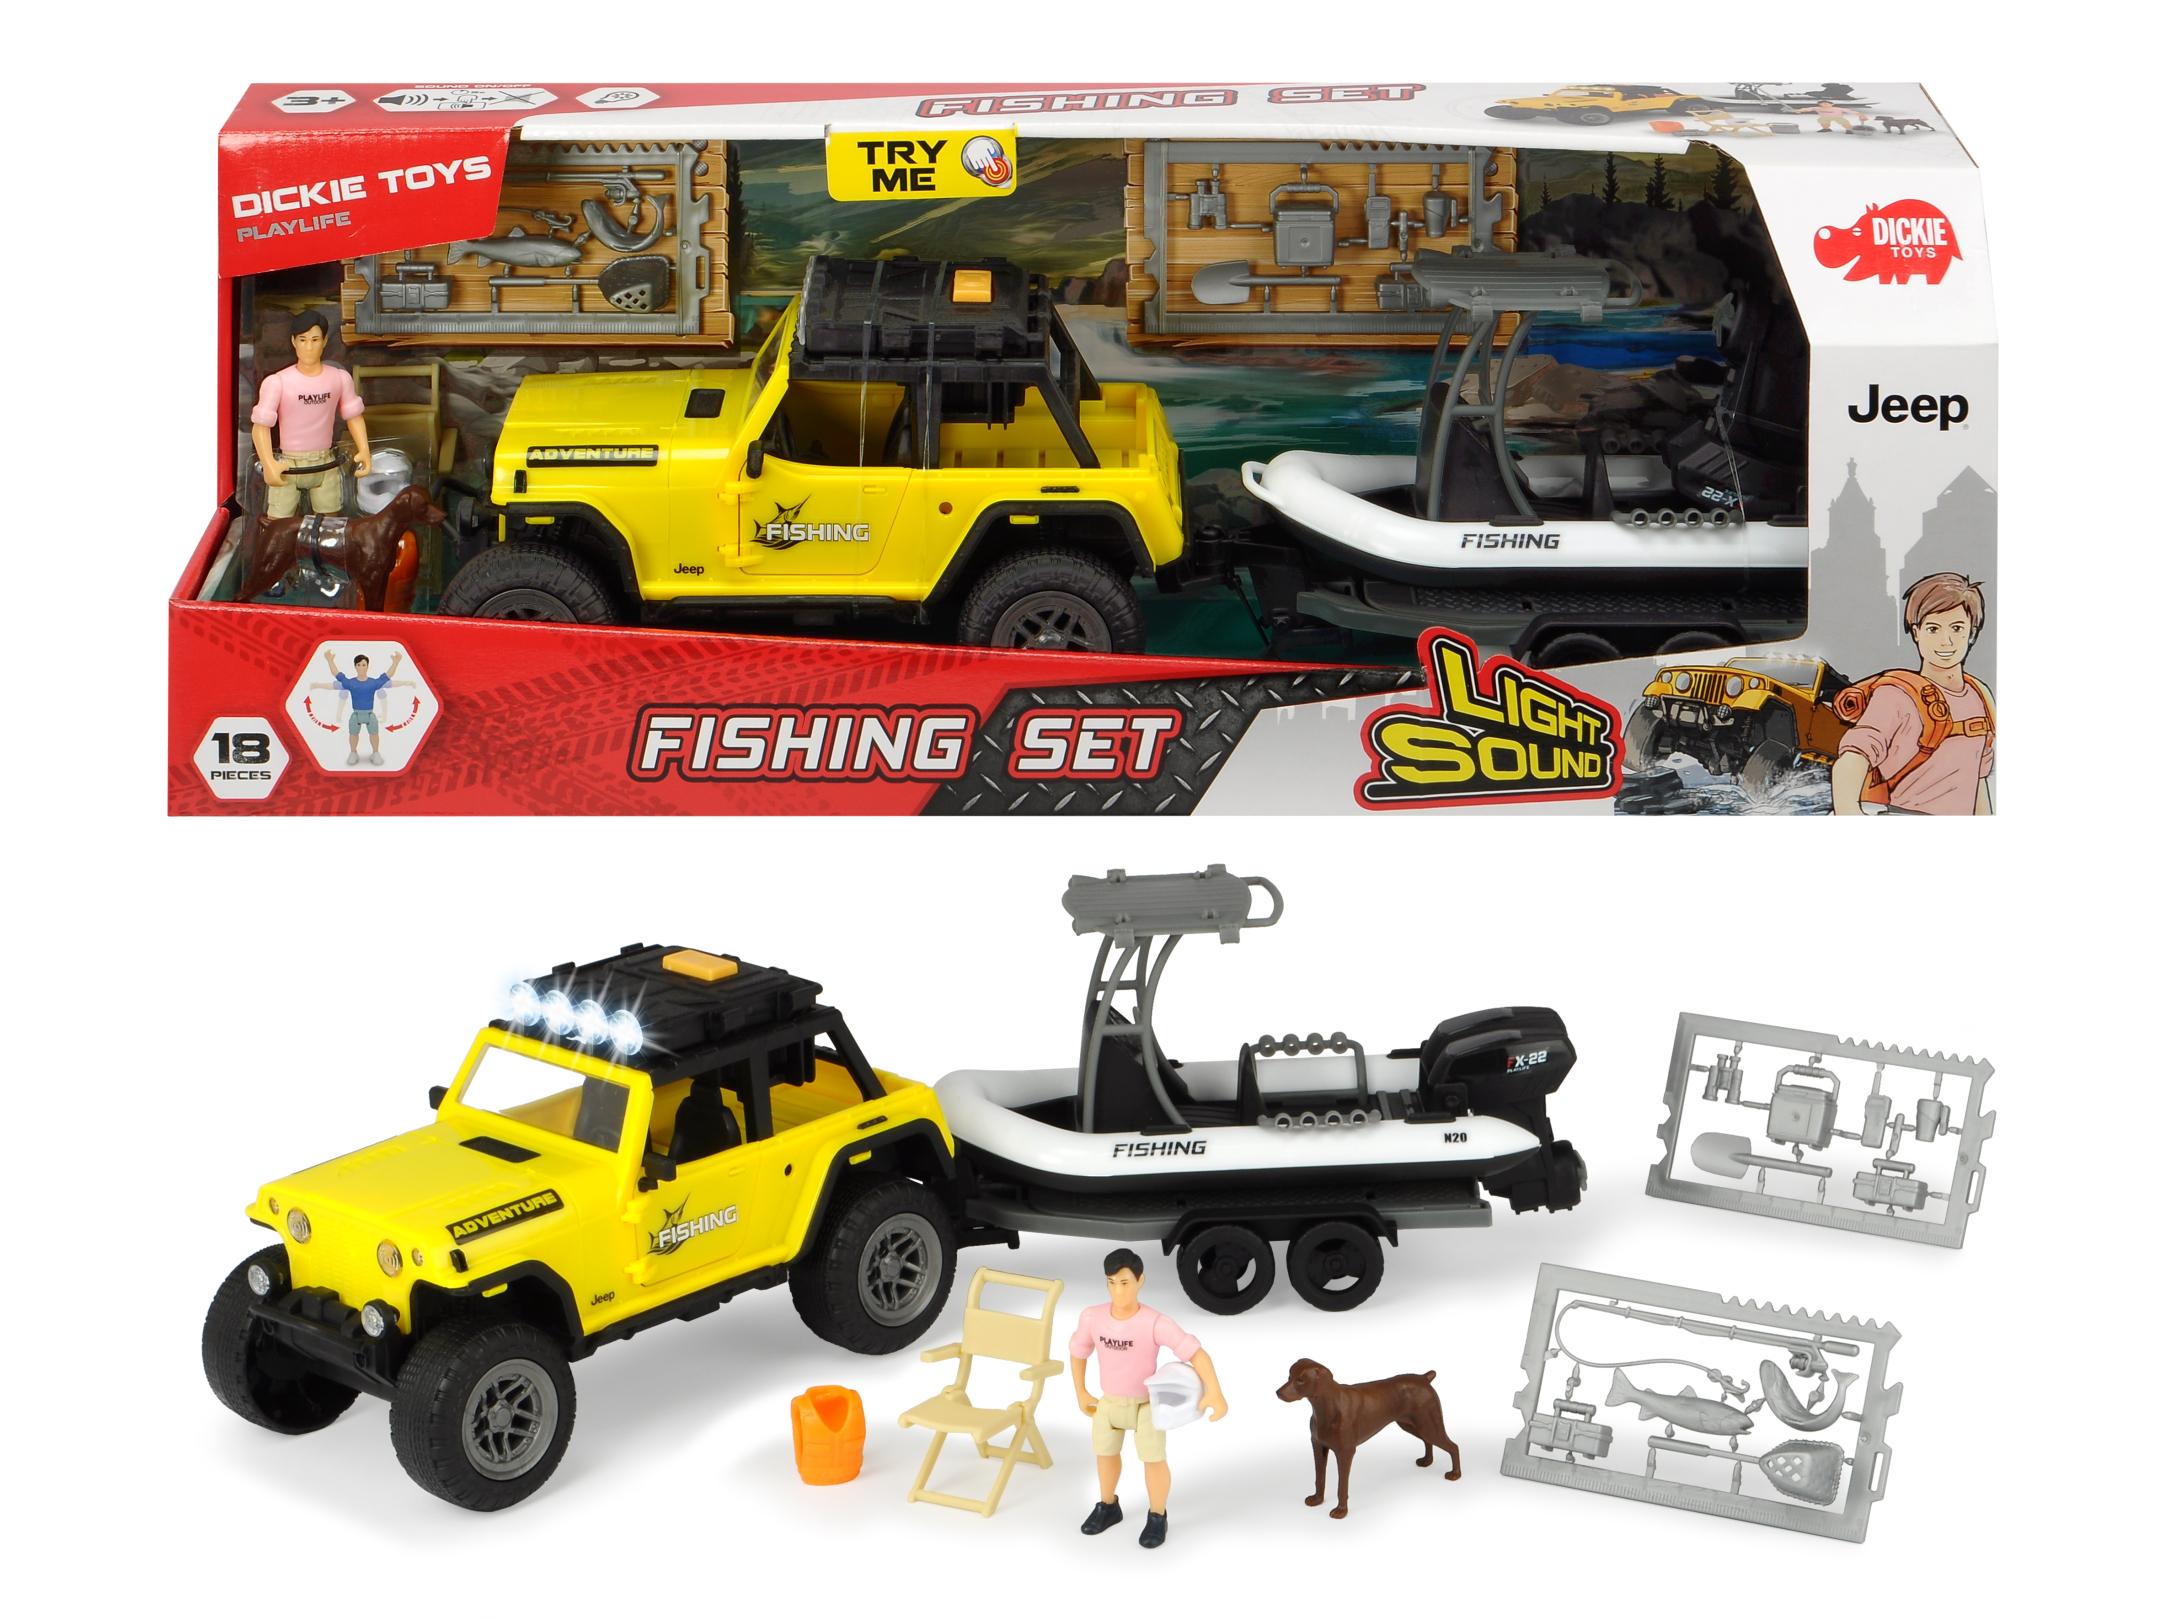 Playlife - Fishing Set